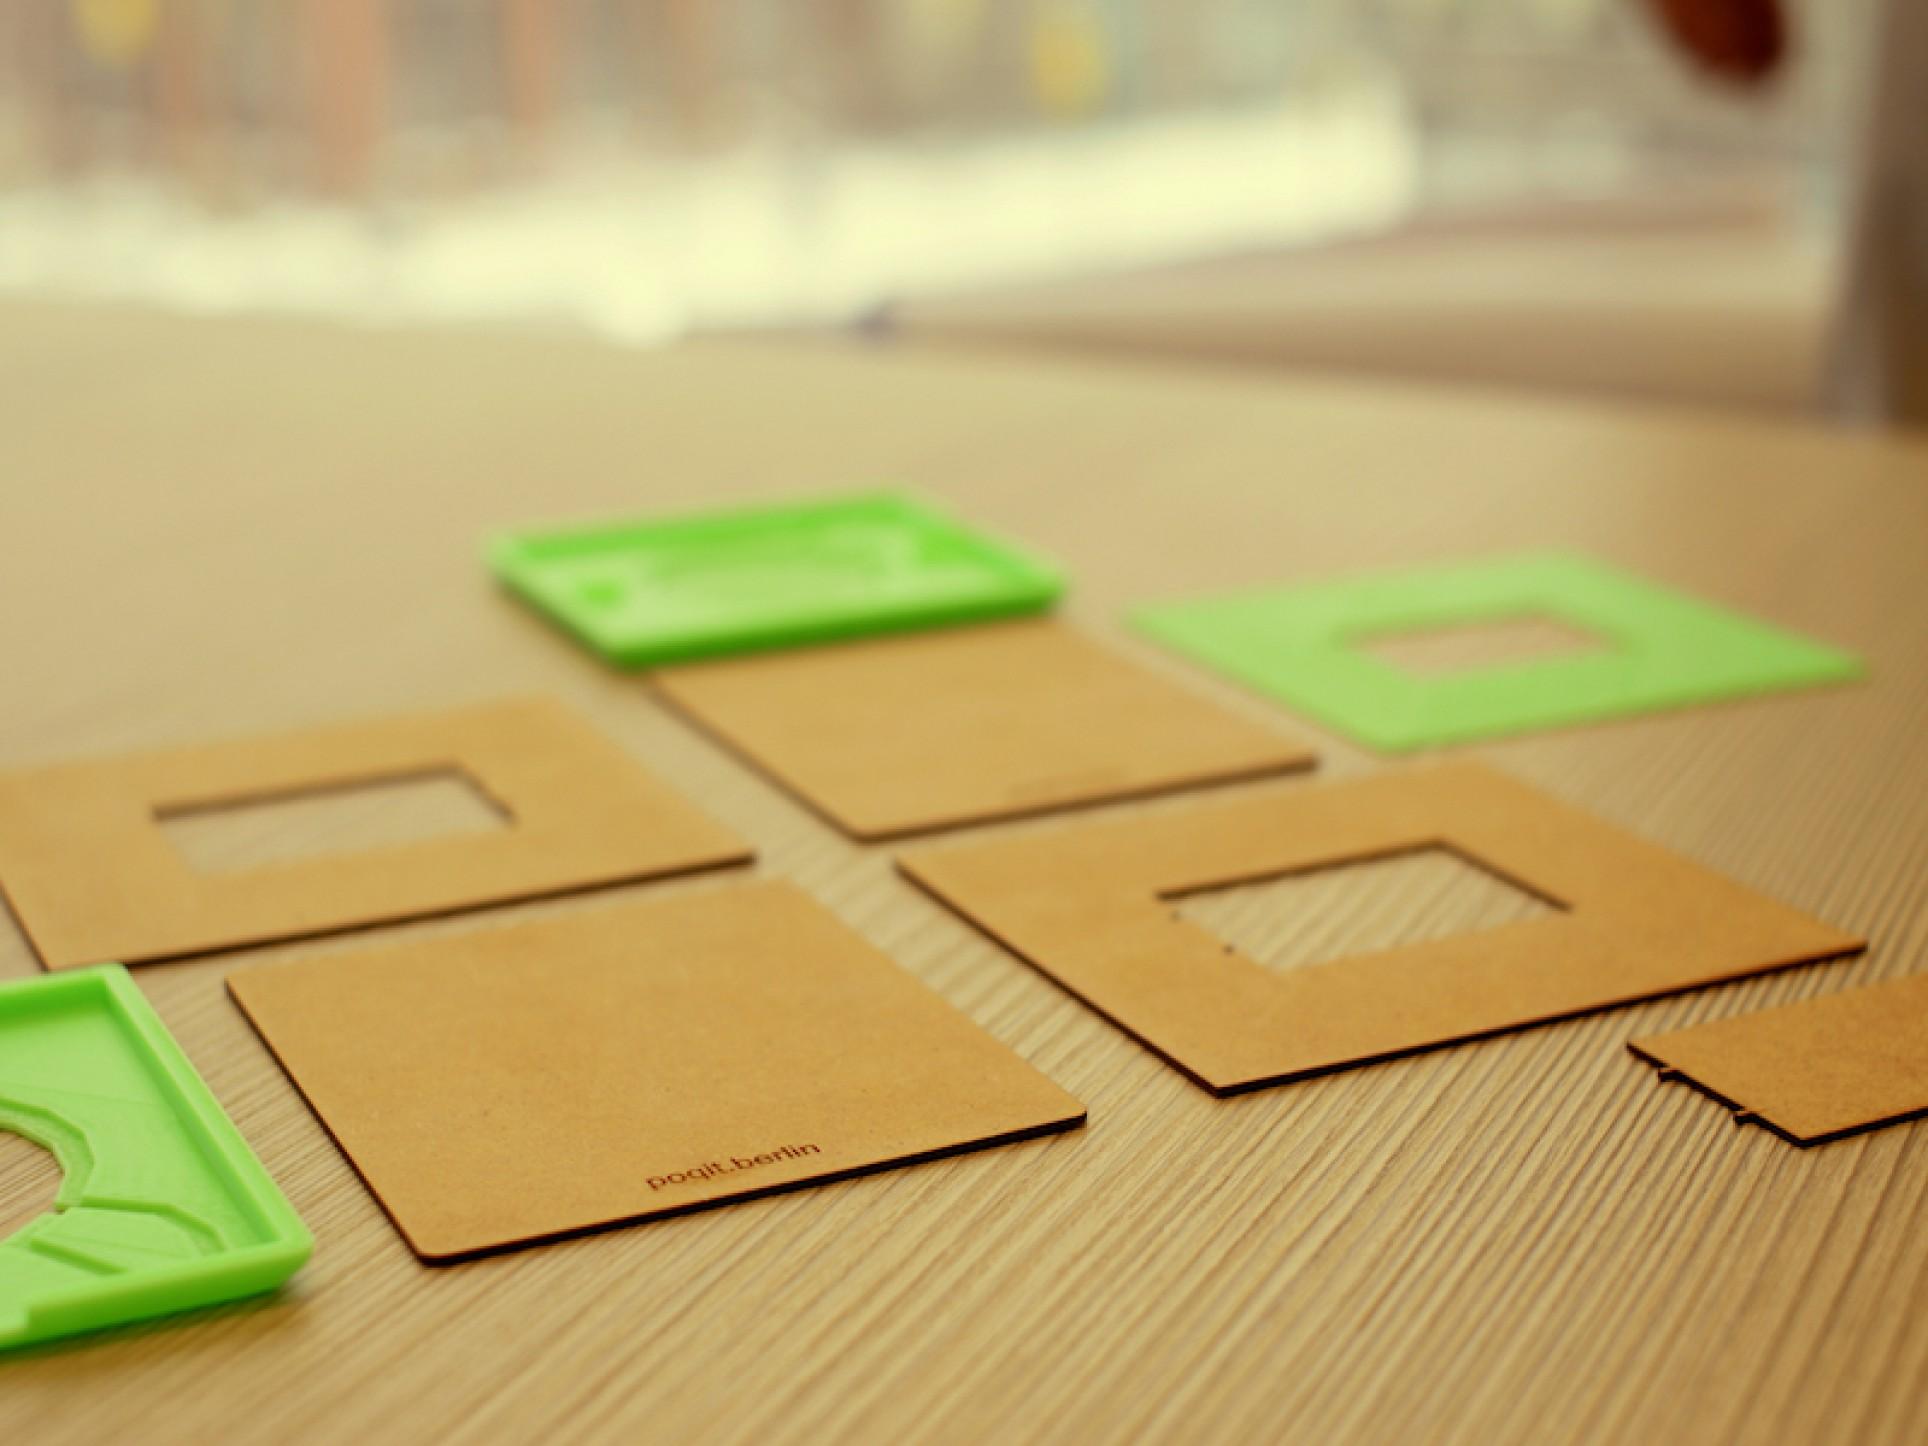 startup entwickelt kabelloses laden. Black Bedroom Furniture Sets. Home Design Ideas